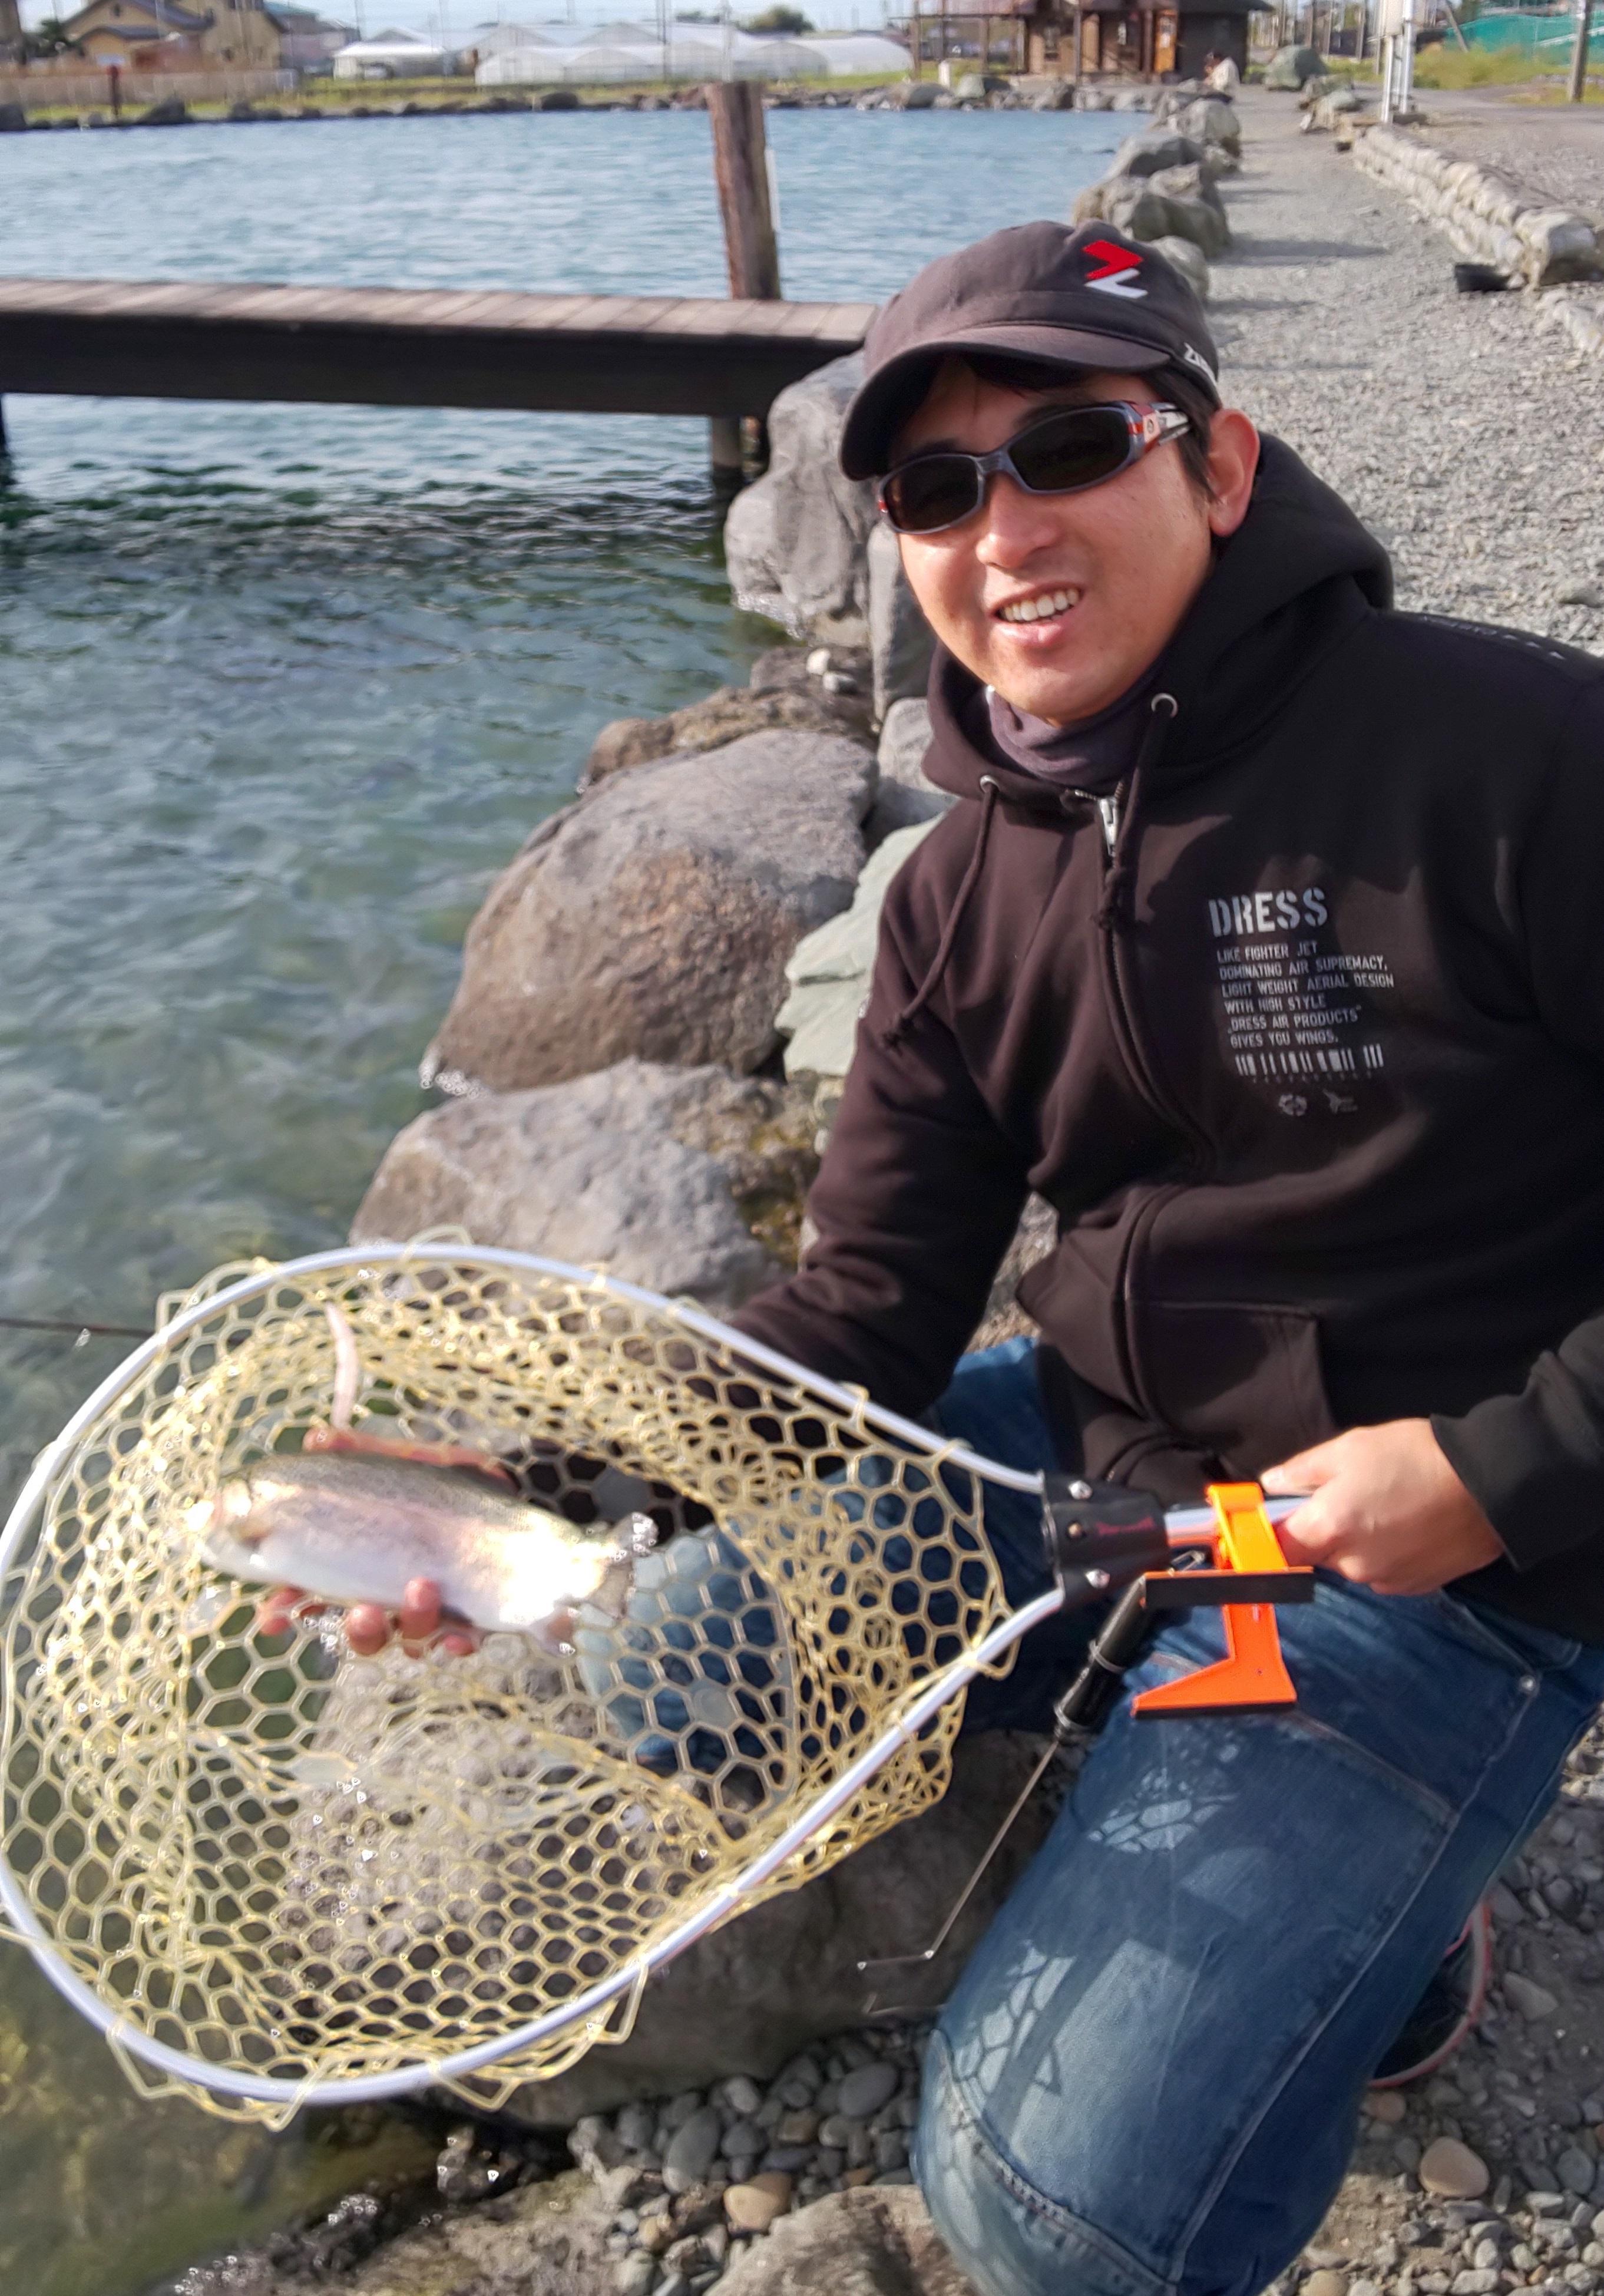 このサイズの魚が中心に釣れてきました。年末年始も営業しているそうなので、年末の釣り納め、年始の釣り始めにいかがですか。